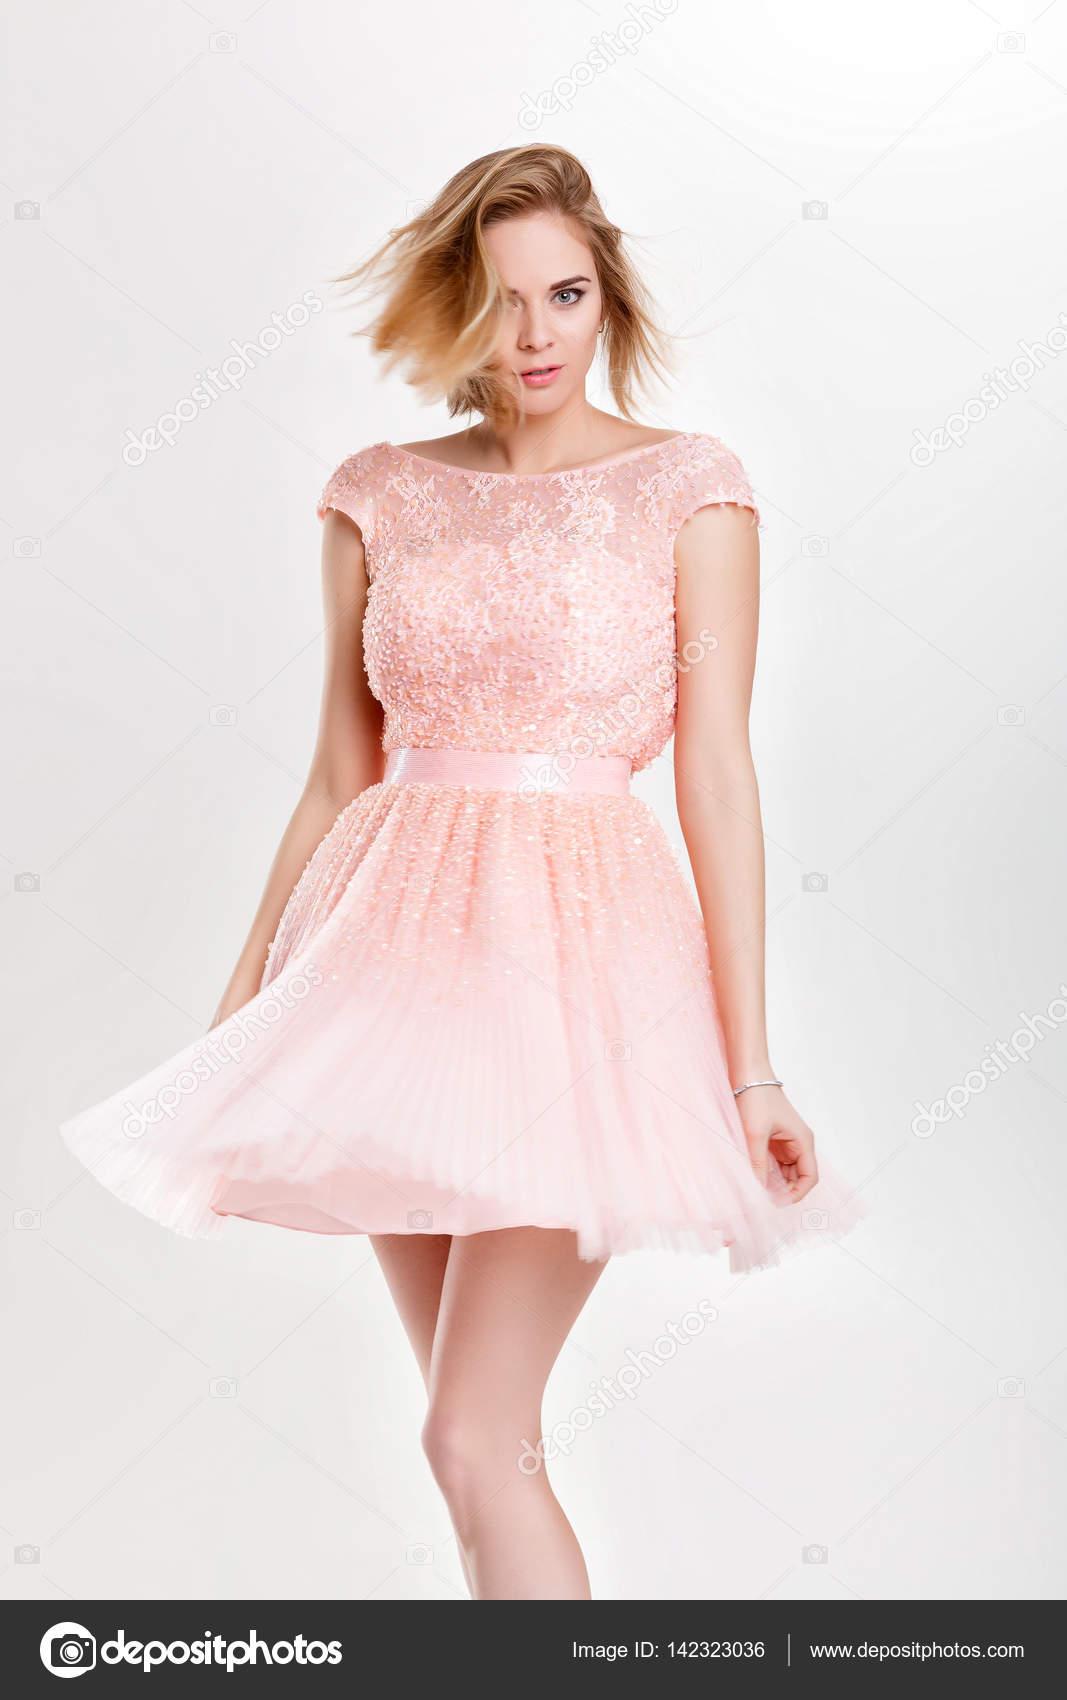 hermosa mujer rubia sensual y sexy en vestido de Cóctel rosa po ...